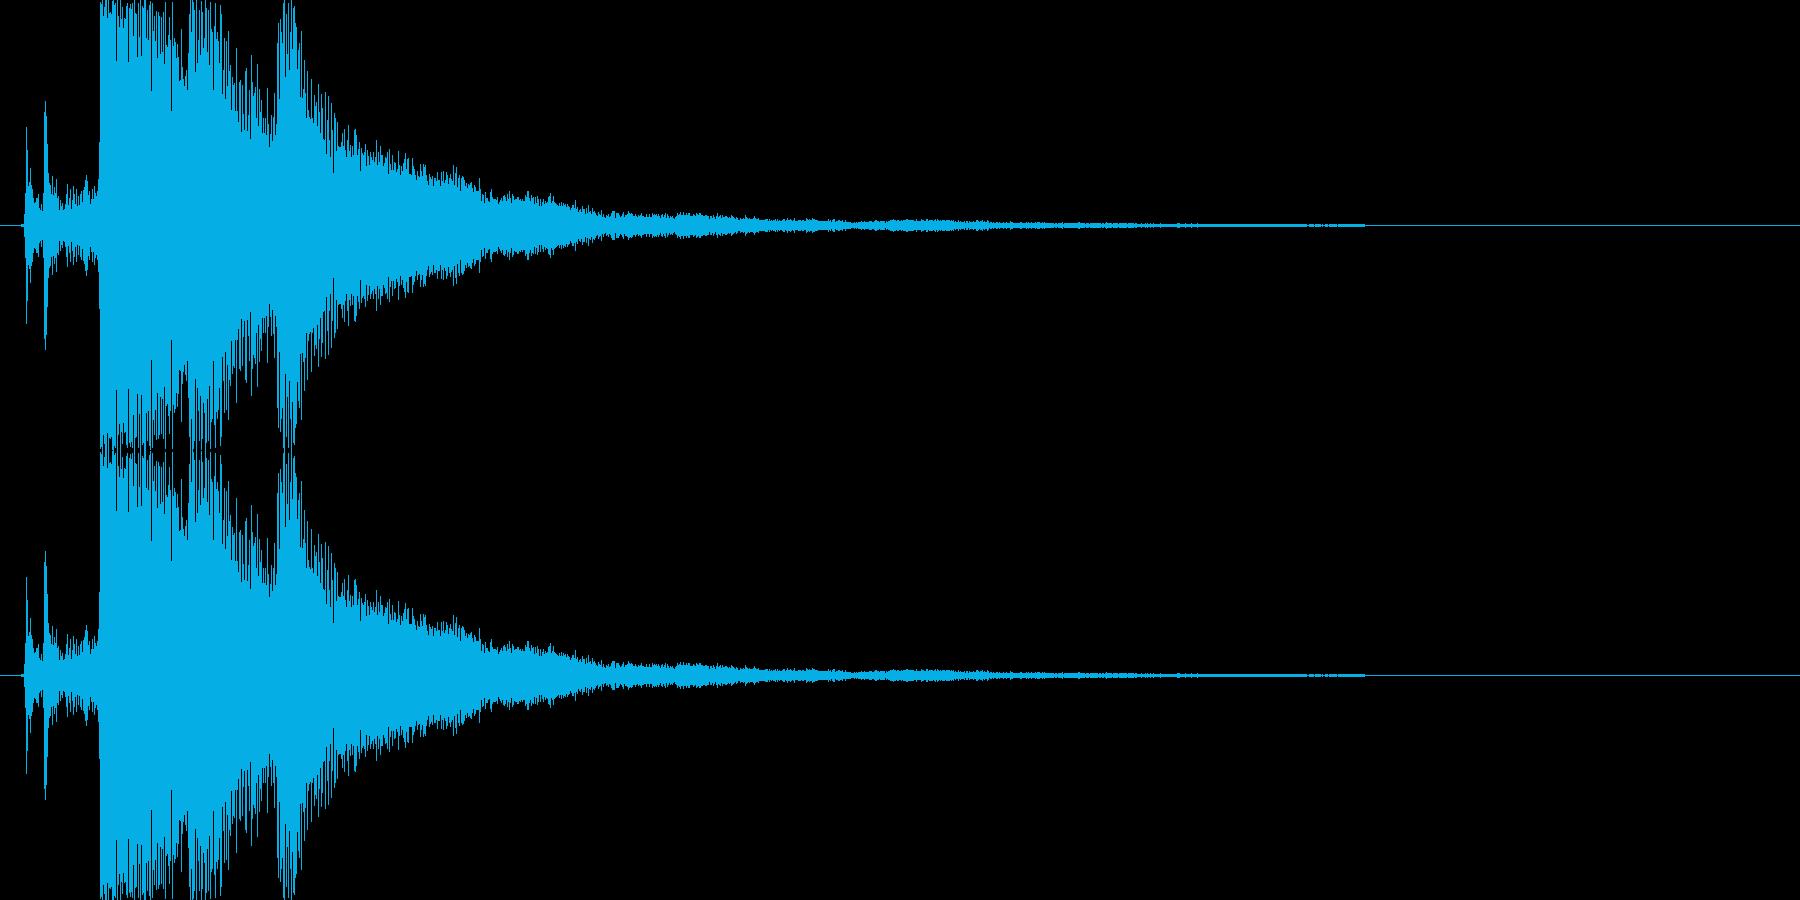 氷・クリスタルが砕ける音2の再生済みの波形